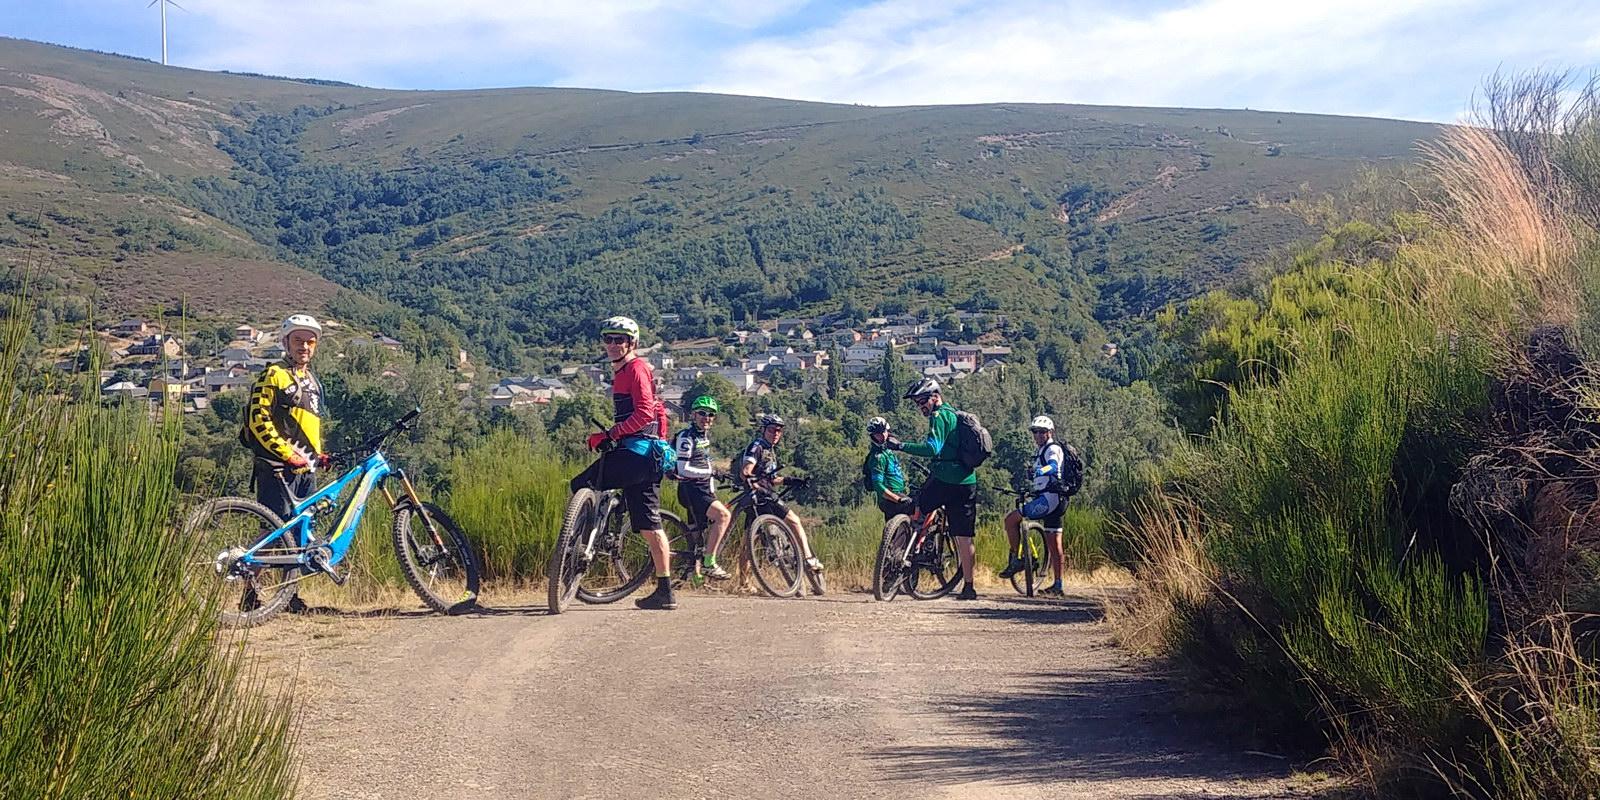 Alquiler de bicicletas eléctricas ebike mountain bike | Rutas fáciles para principiantes en El Bierzo